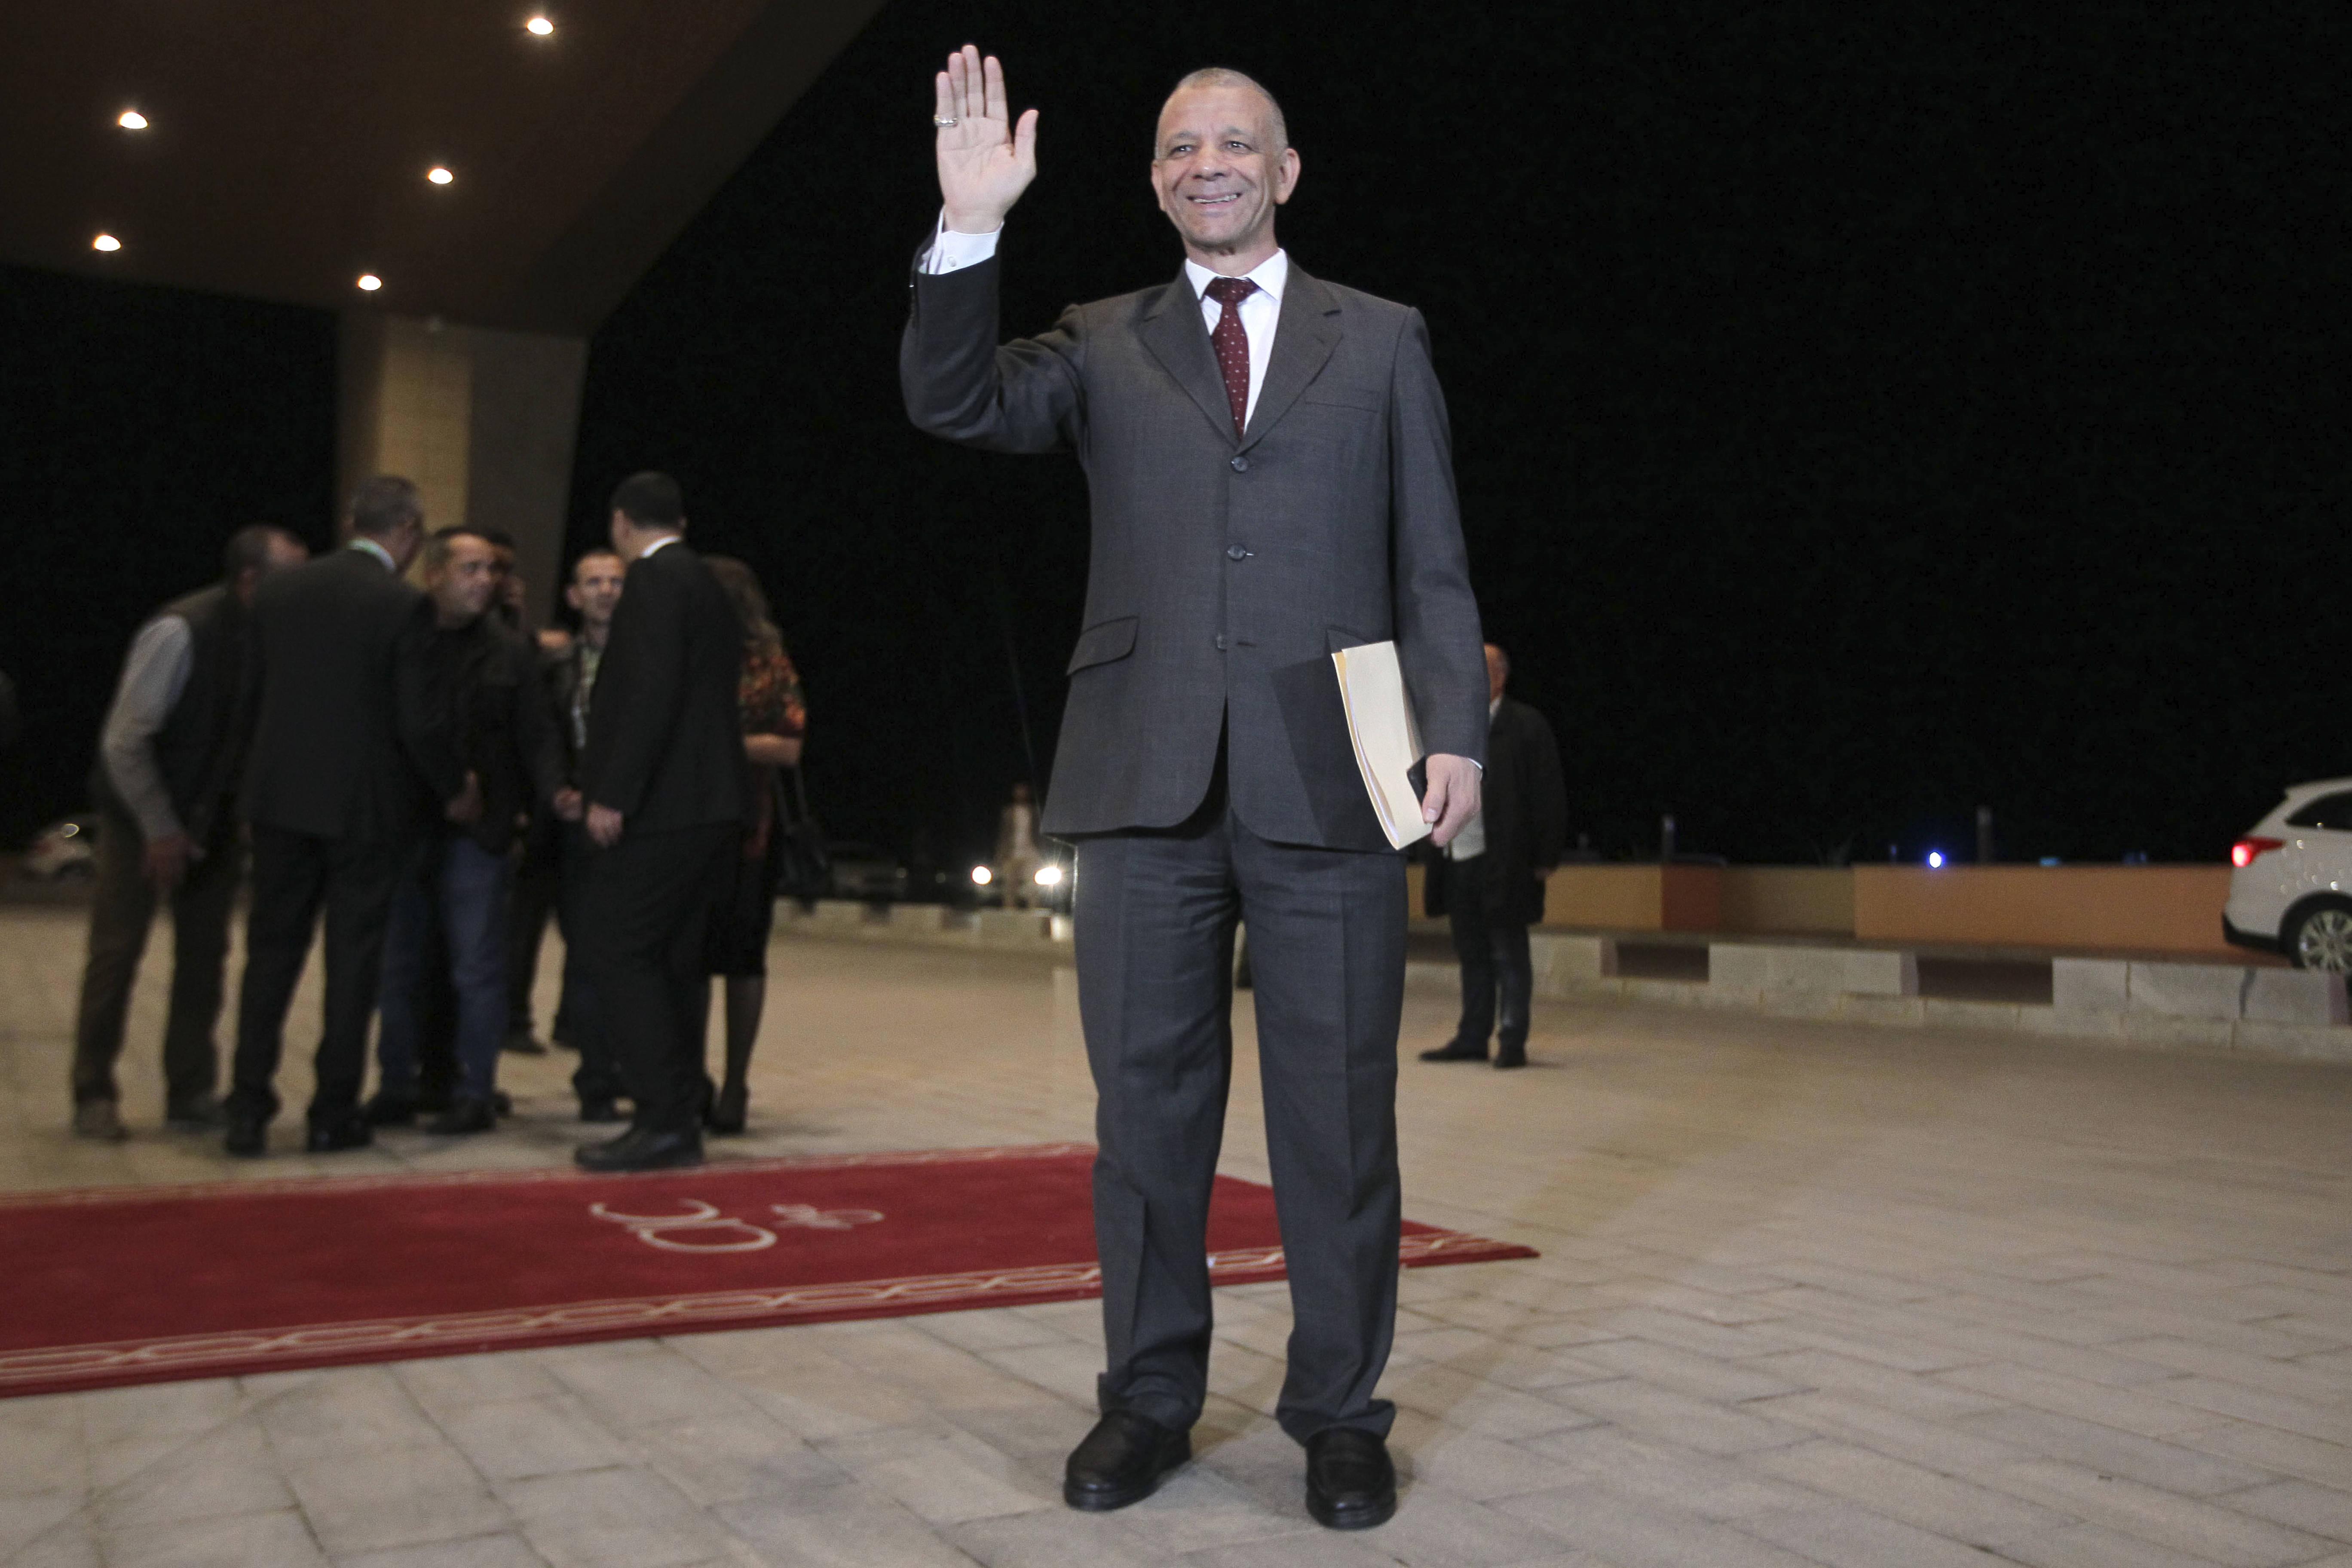 Le candidat Abdelkader Bengrina saluant l'assistance avant de participer au premier débat présidentiel de l'histoire algérienne, vendredi 6 décembre 2019.